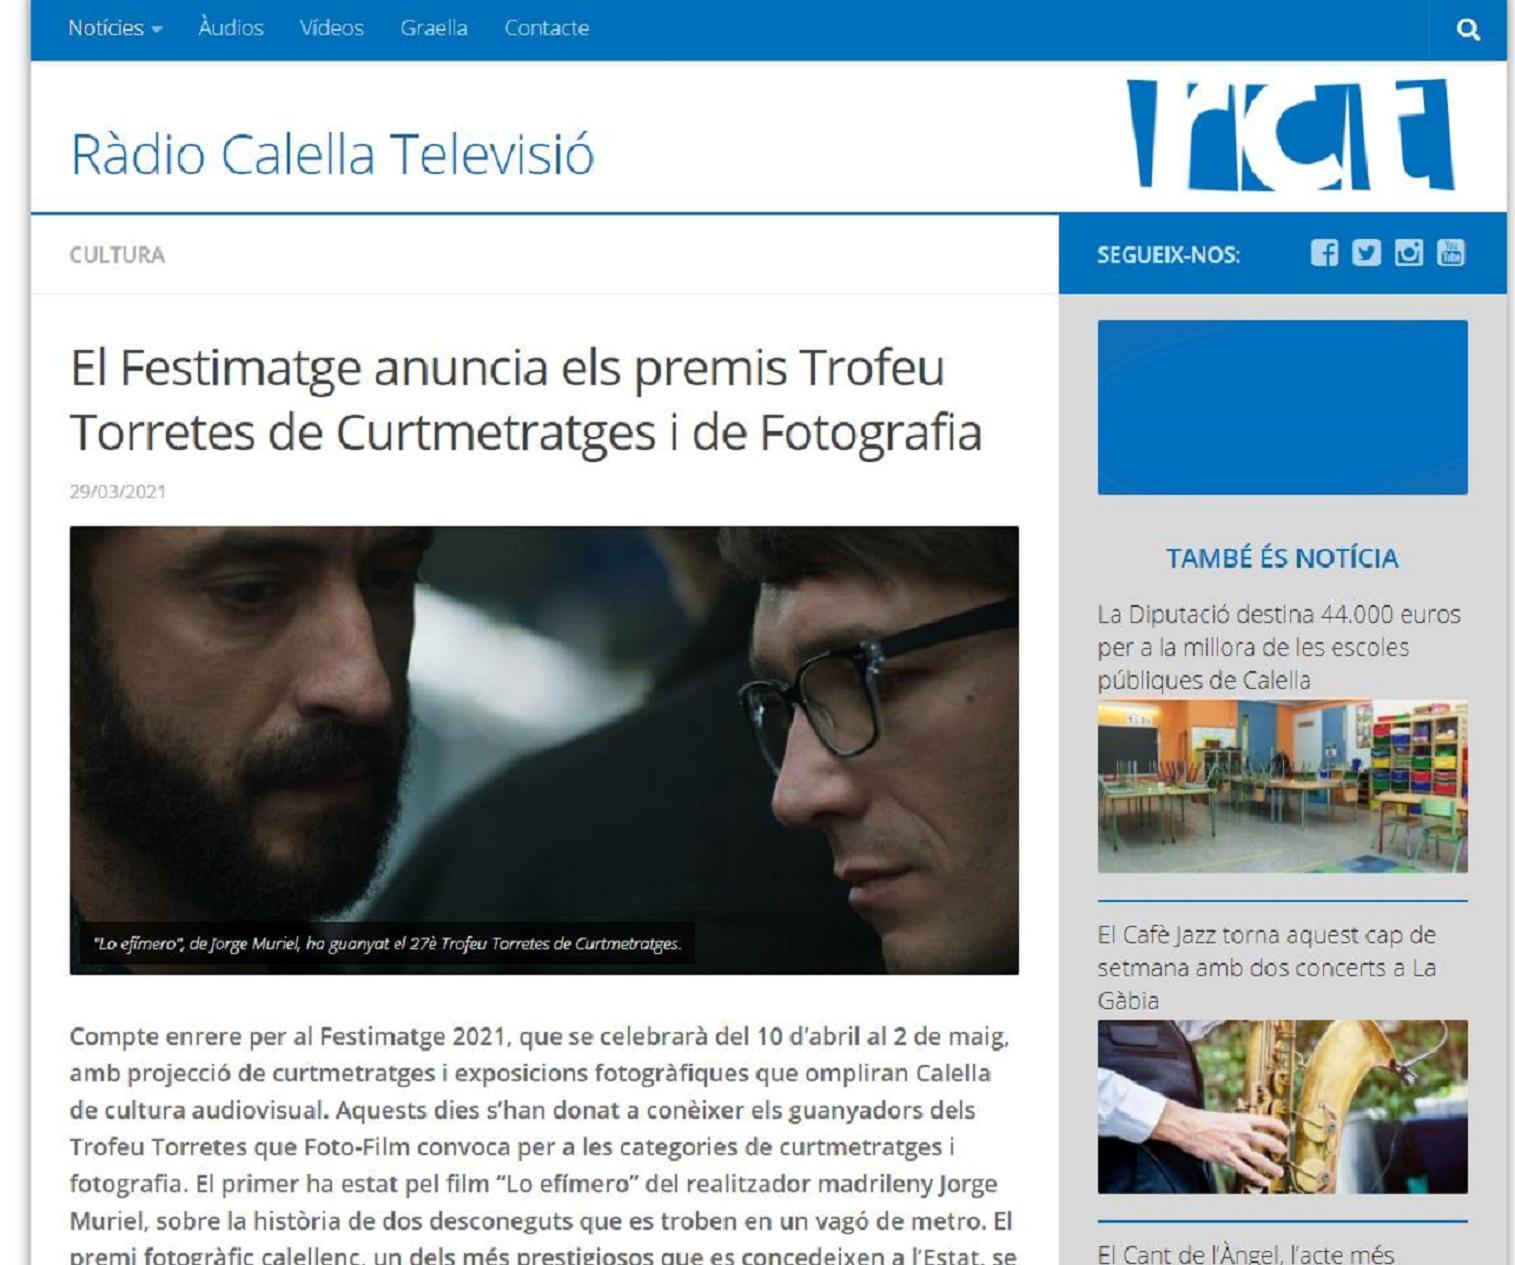 FESTIMATGE, en Radio Calella TV- 29/03/2021 gabinete de prensa